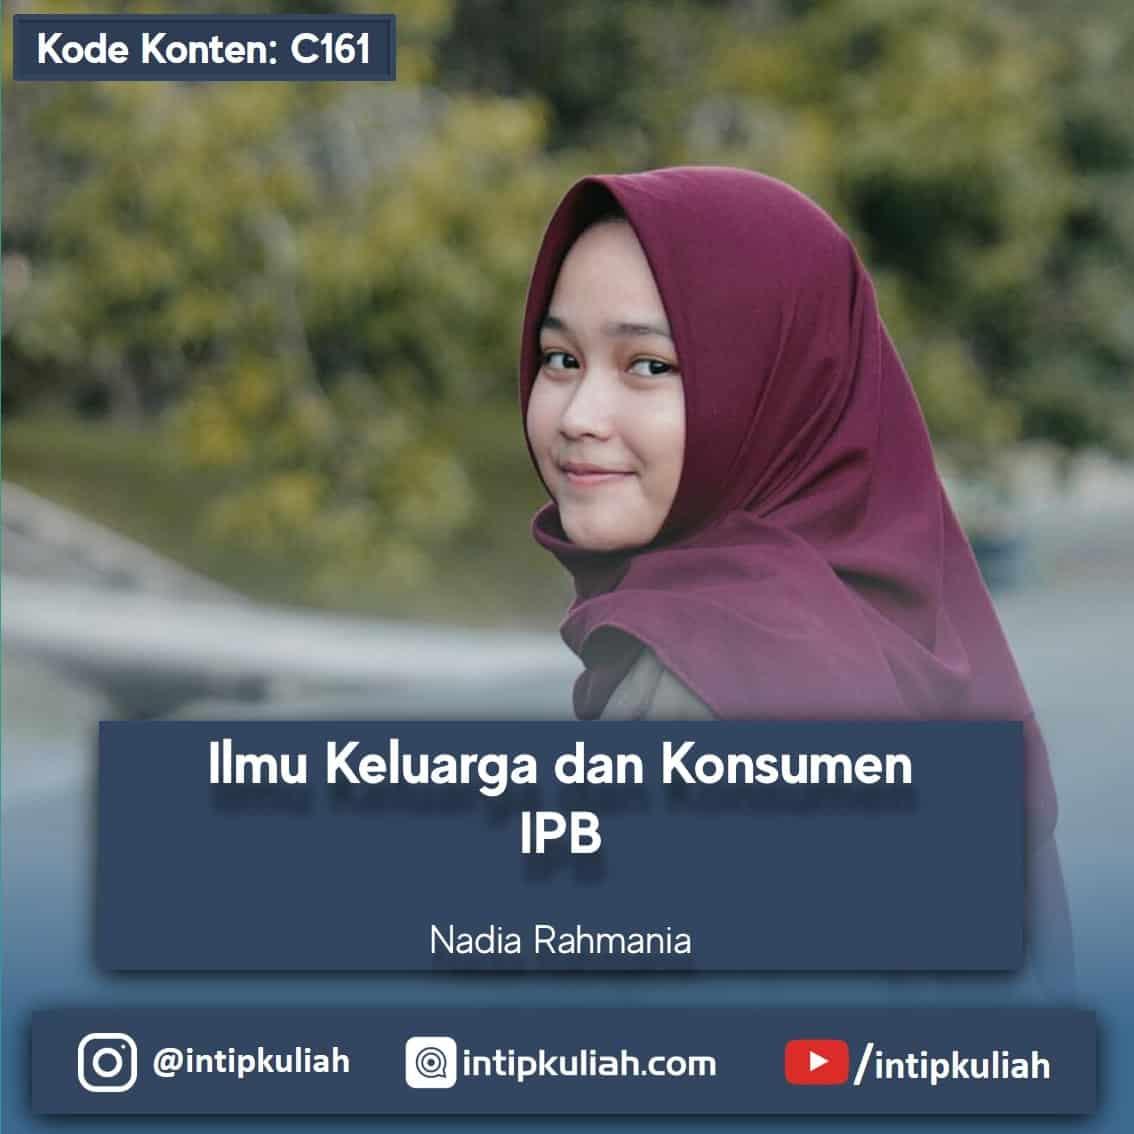 Ilmu Keluarga dan Konsumen IPB (Nadia)